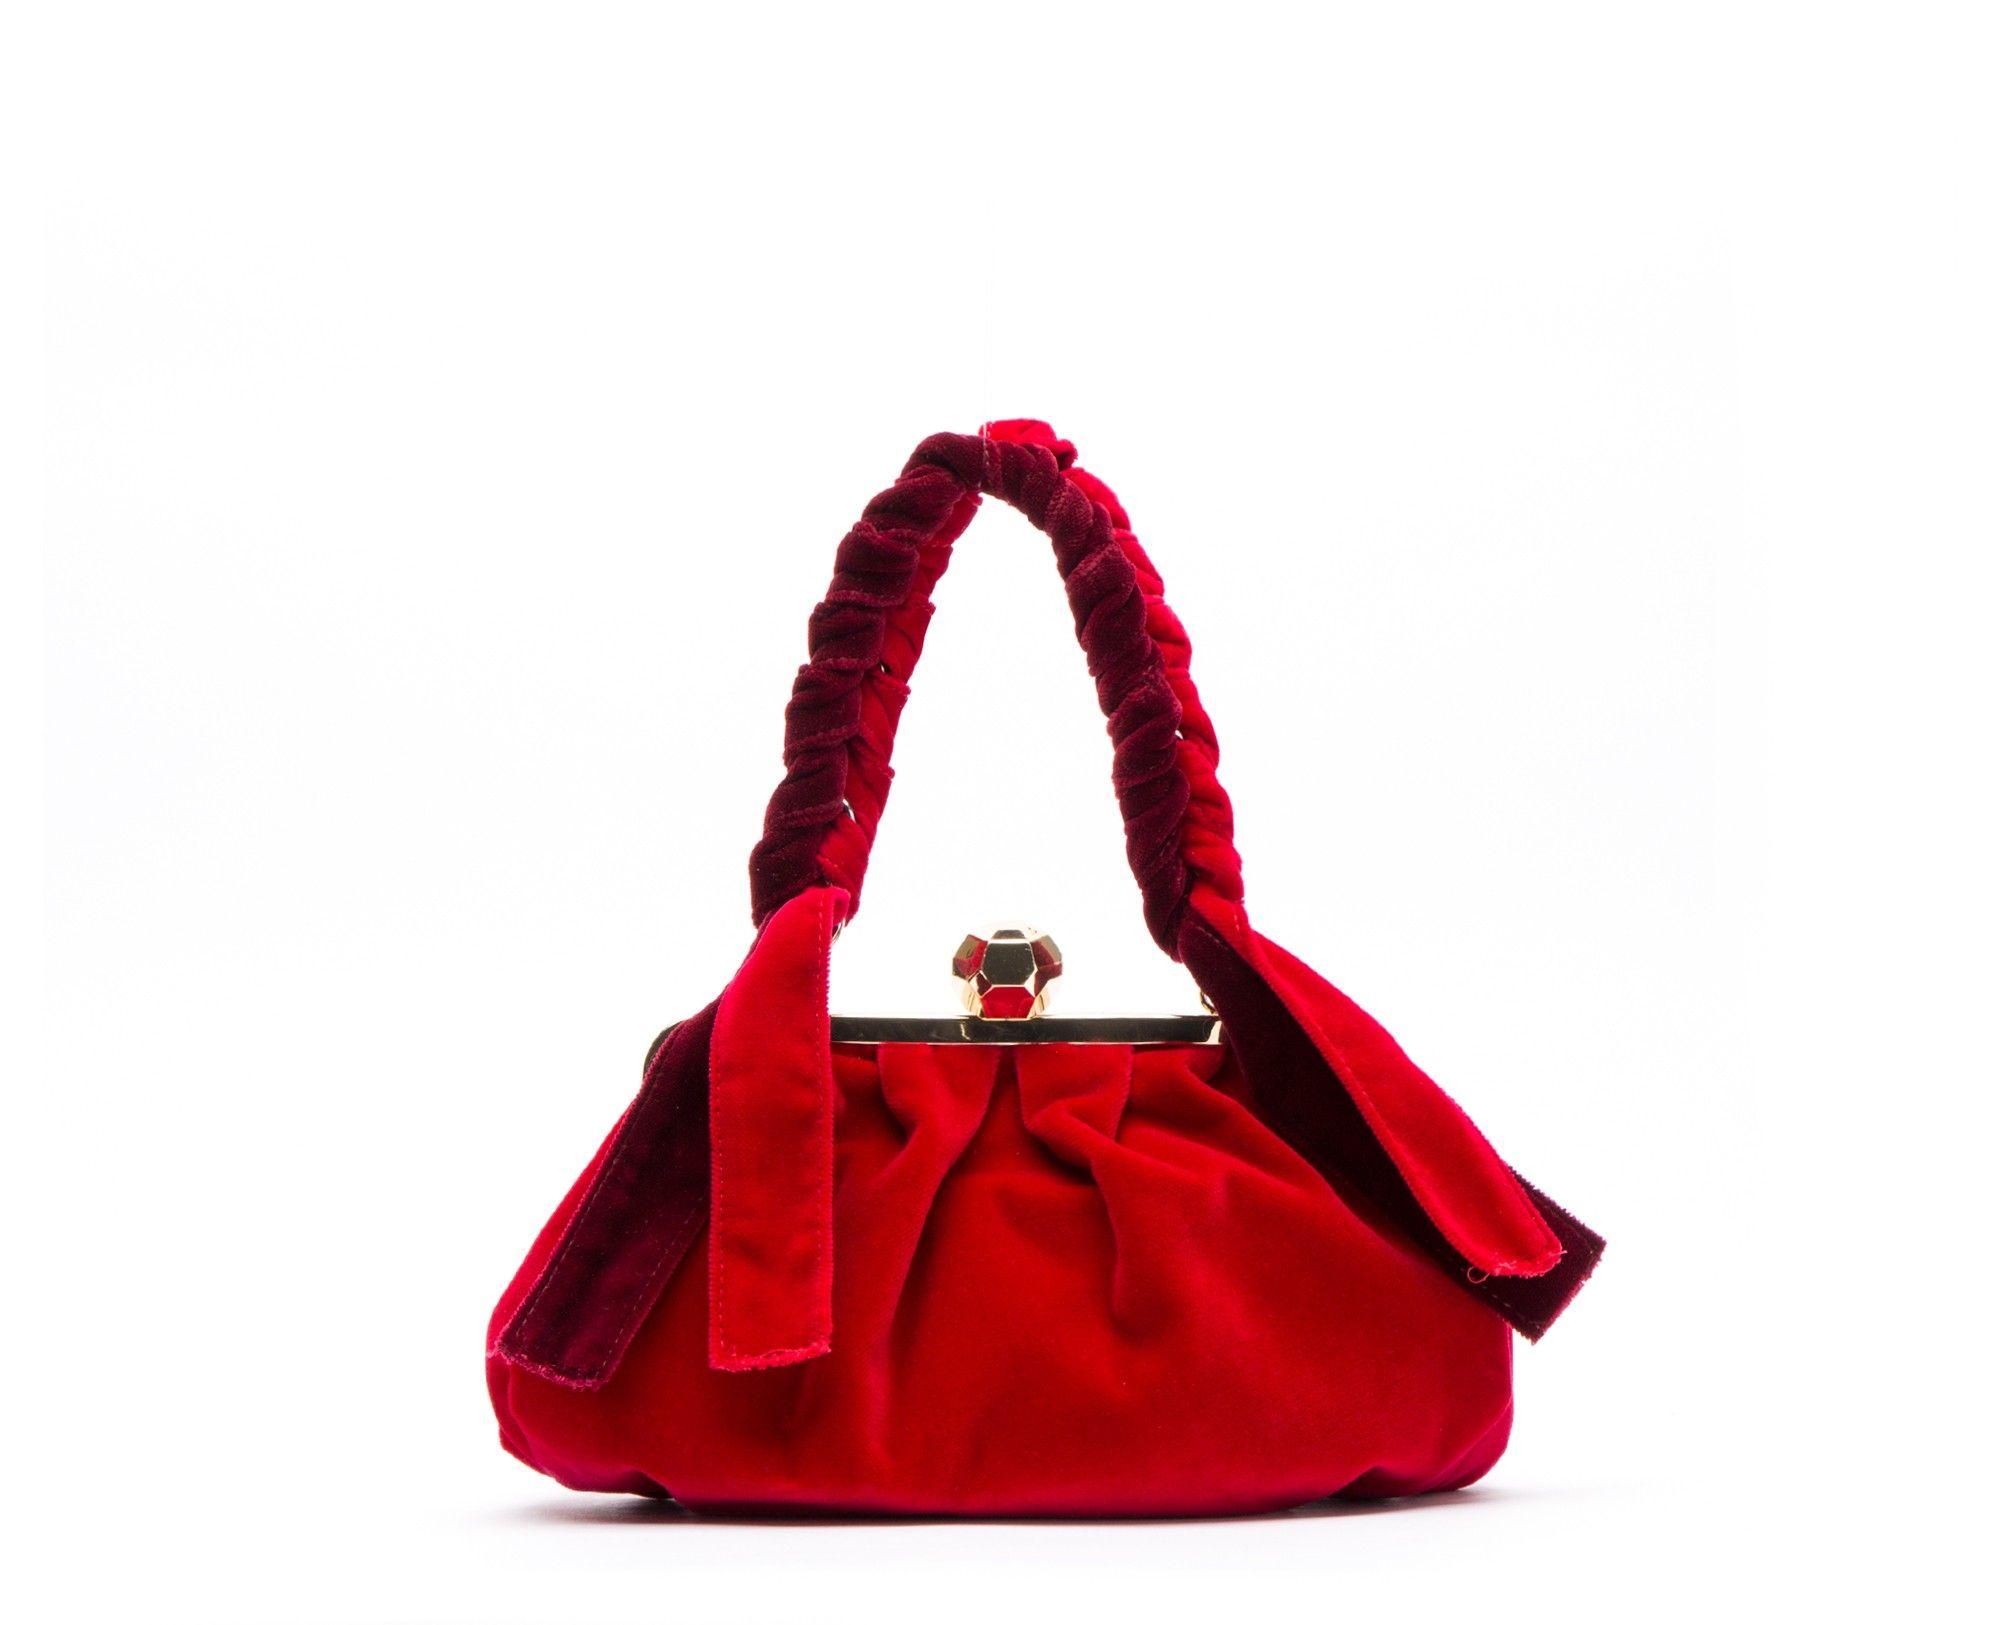 The Zelda Frame Bag Designed By Kate Spade Lady